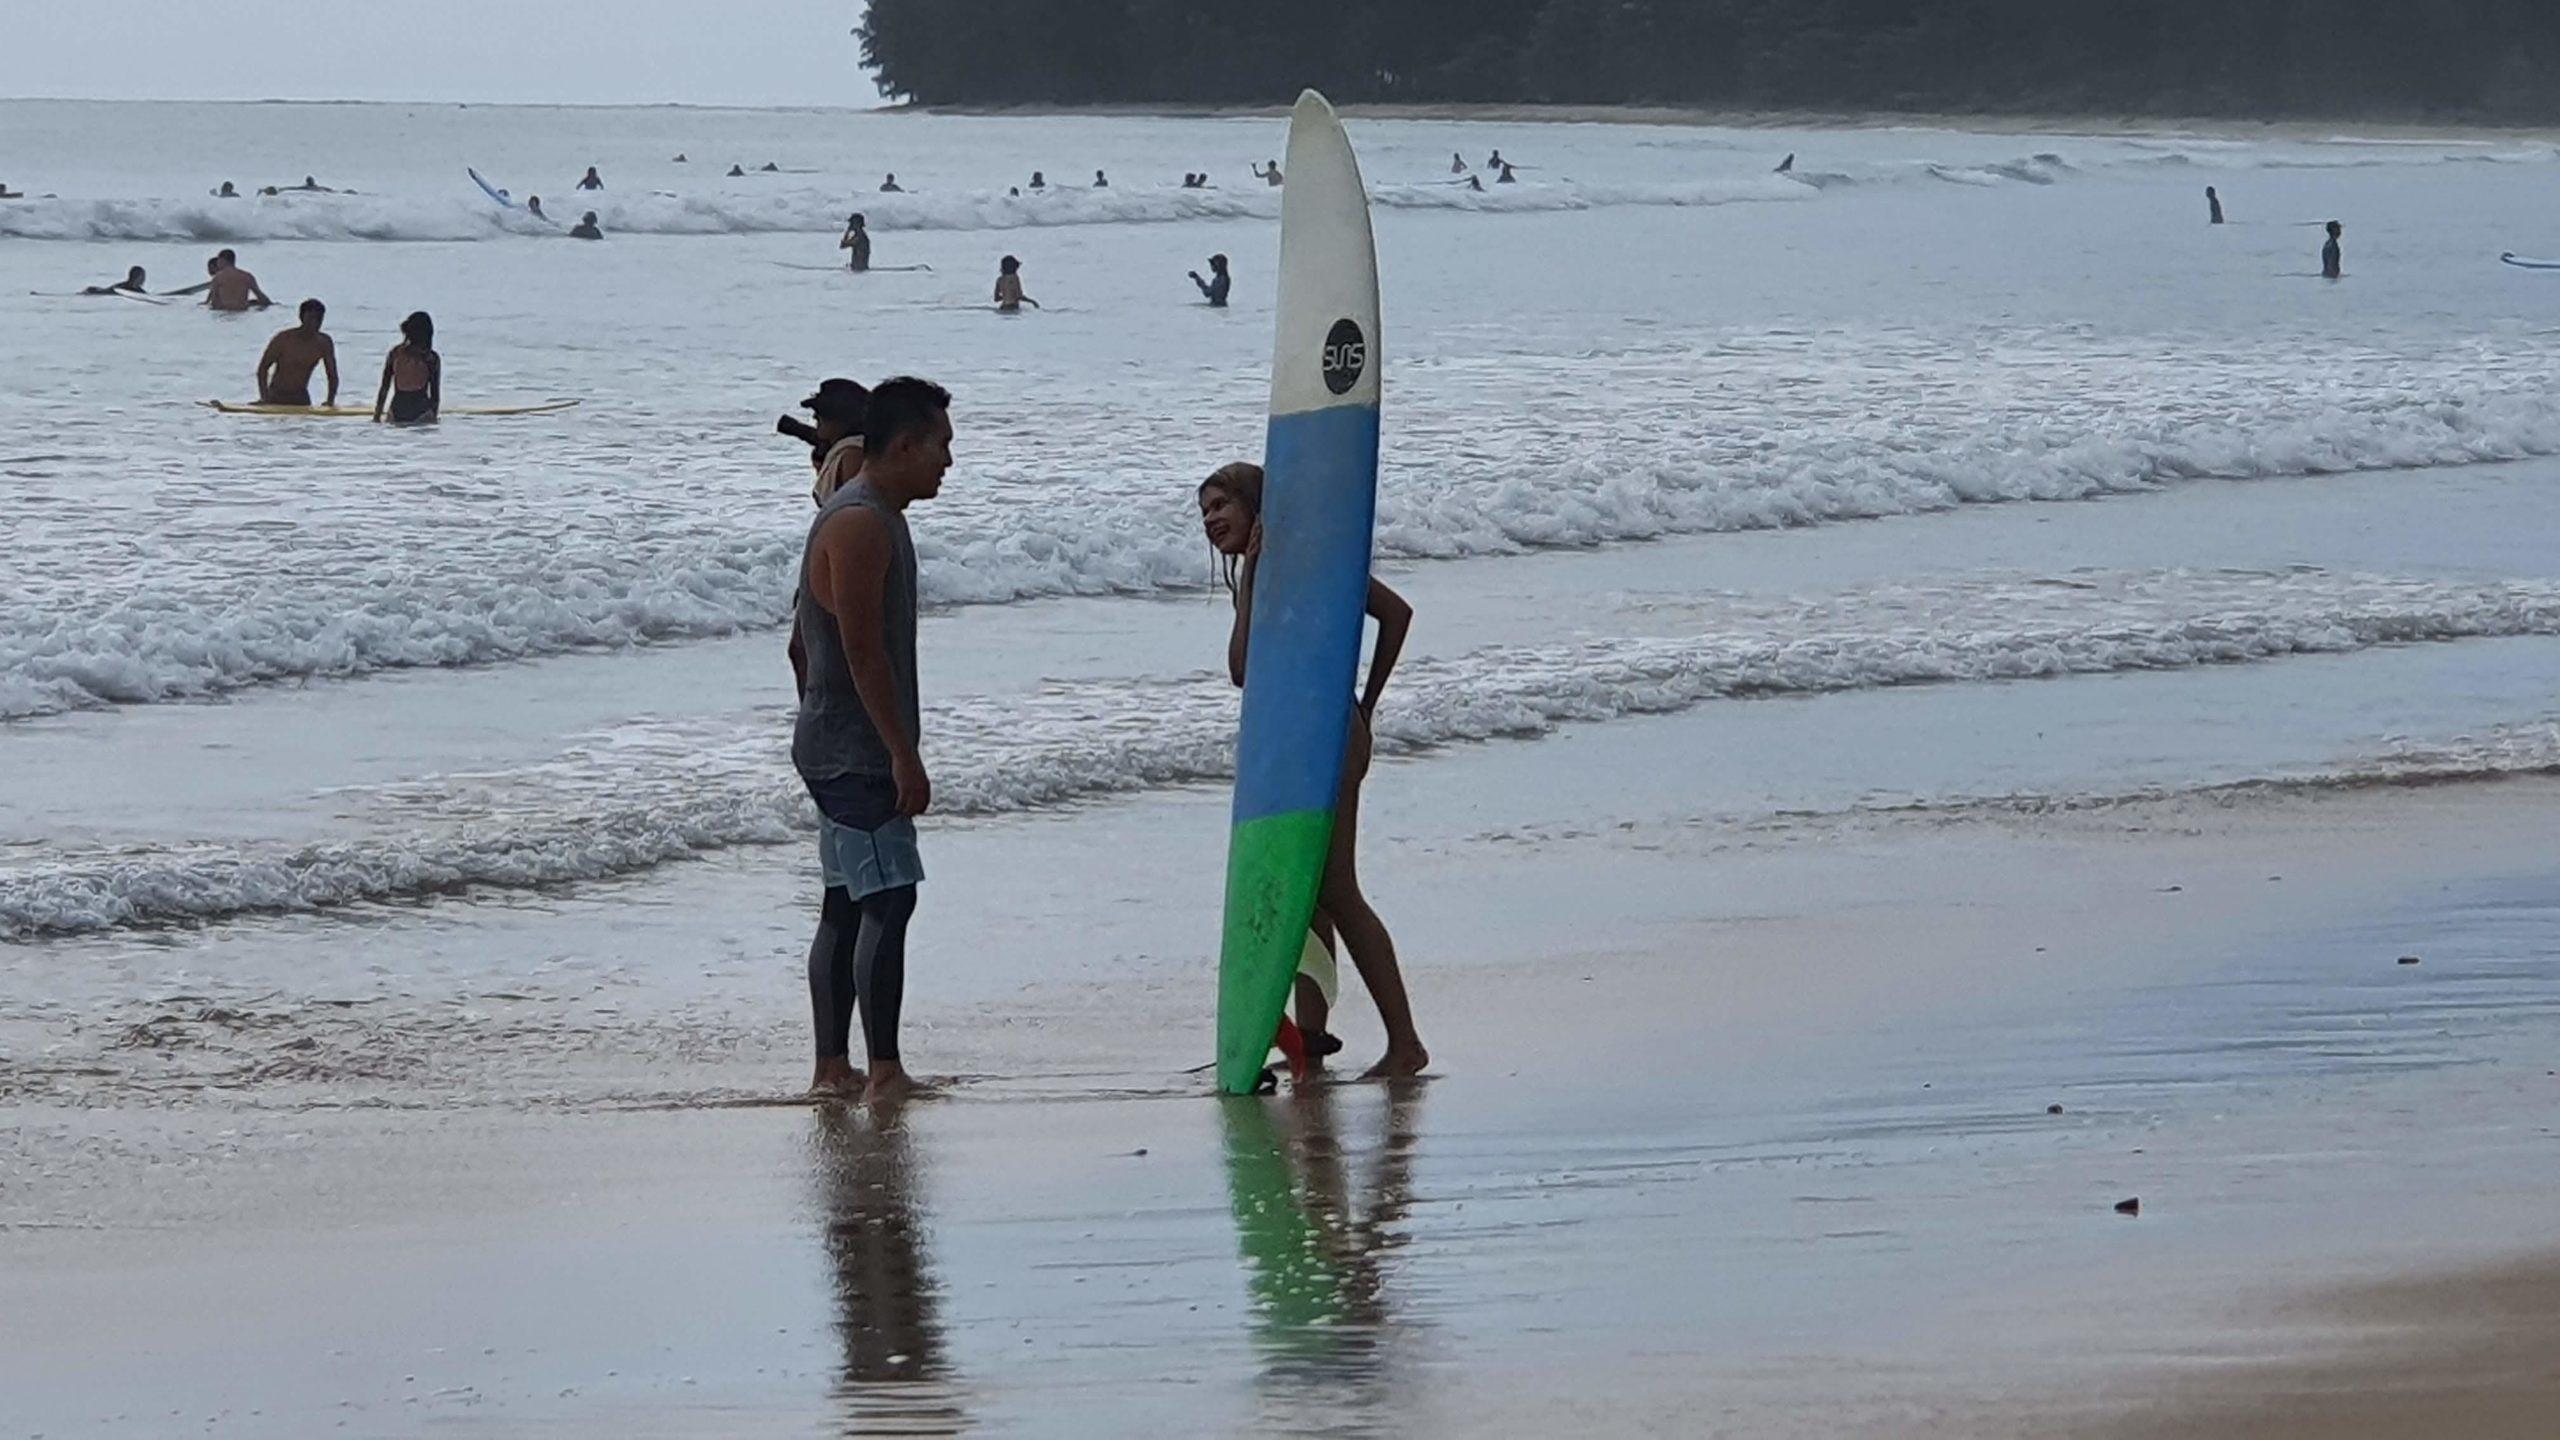 หยุดยาว 4 วัน คึกคัก นักท่องเที่ยวแห่เล่นเซิร์ฟบอร์ด แน่น! หาดเขาหลัก